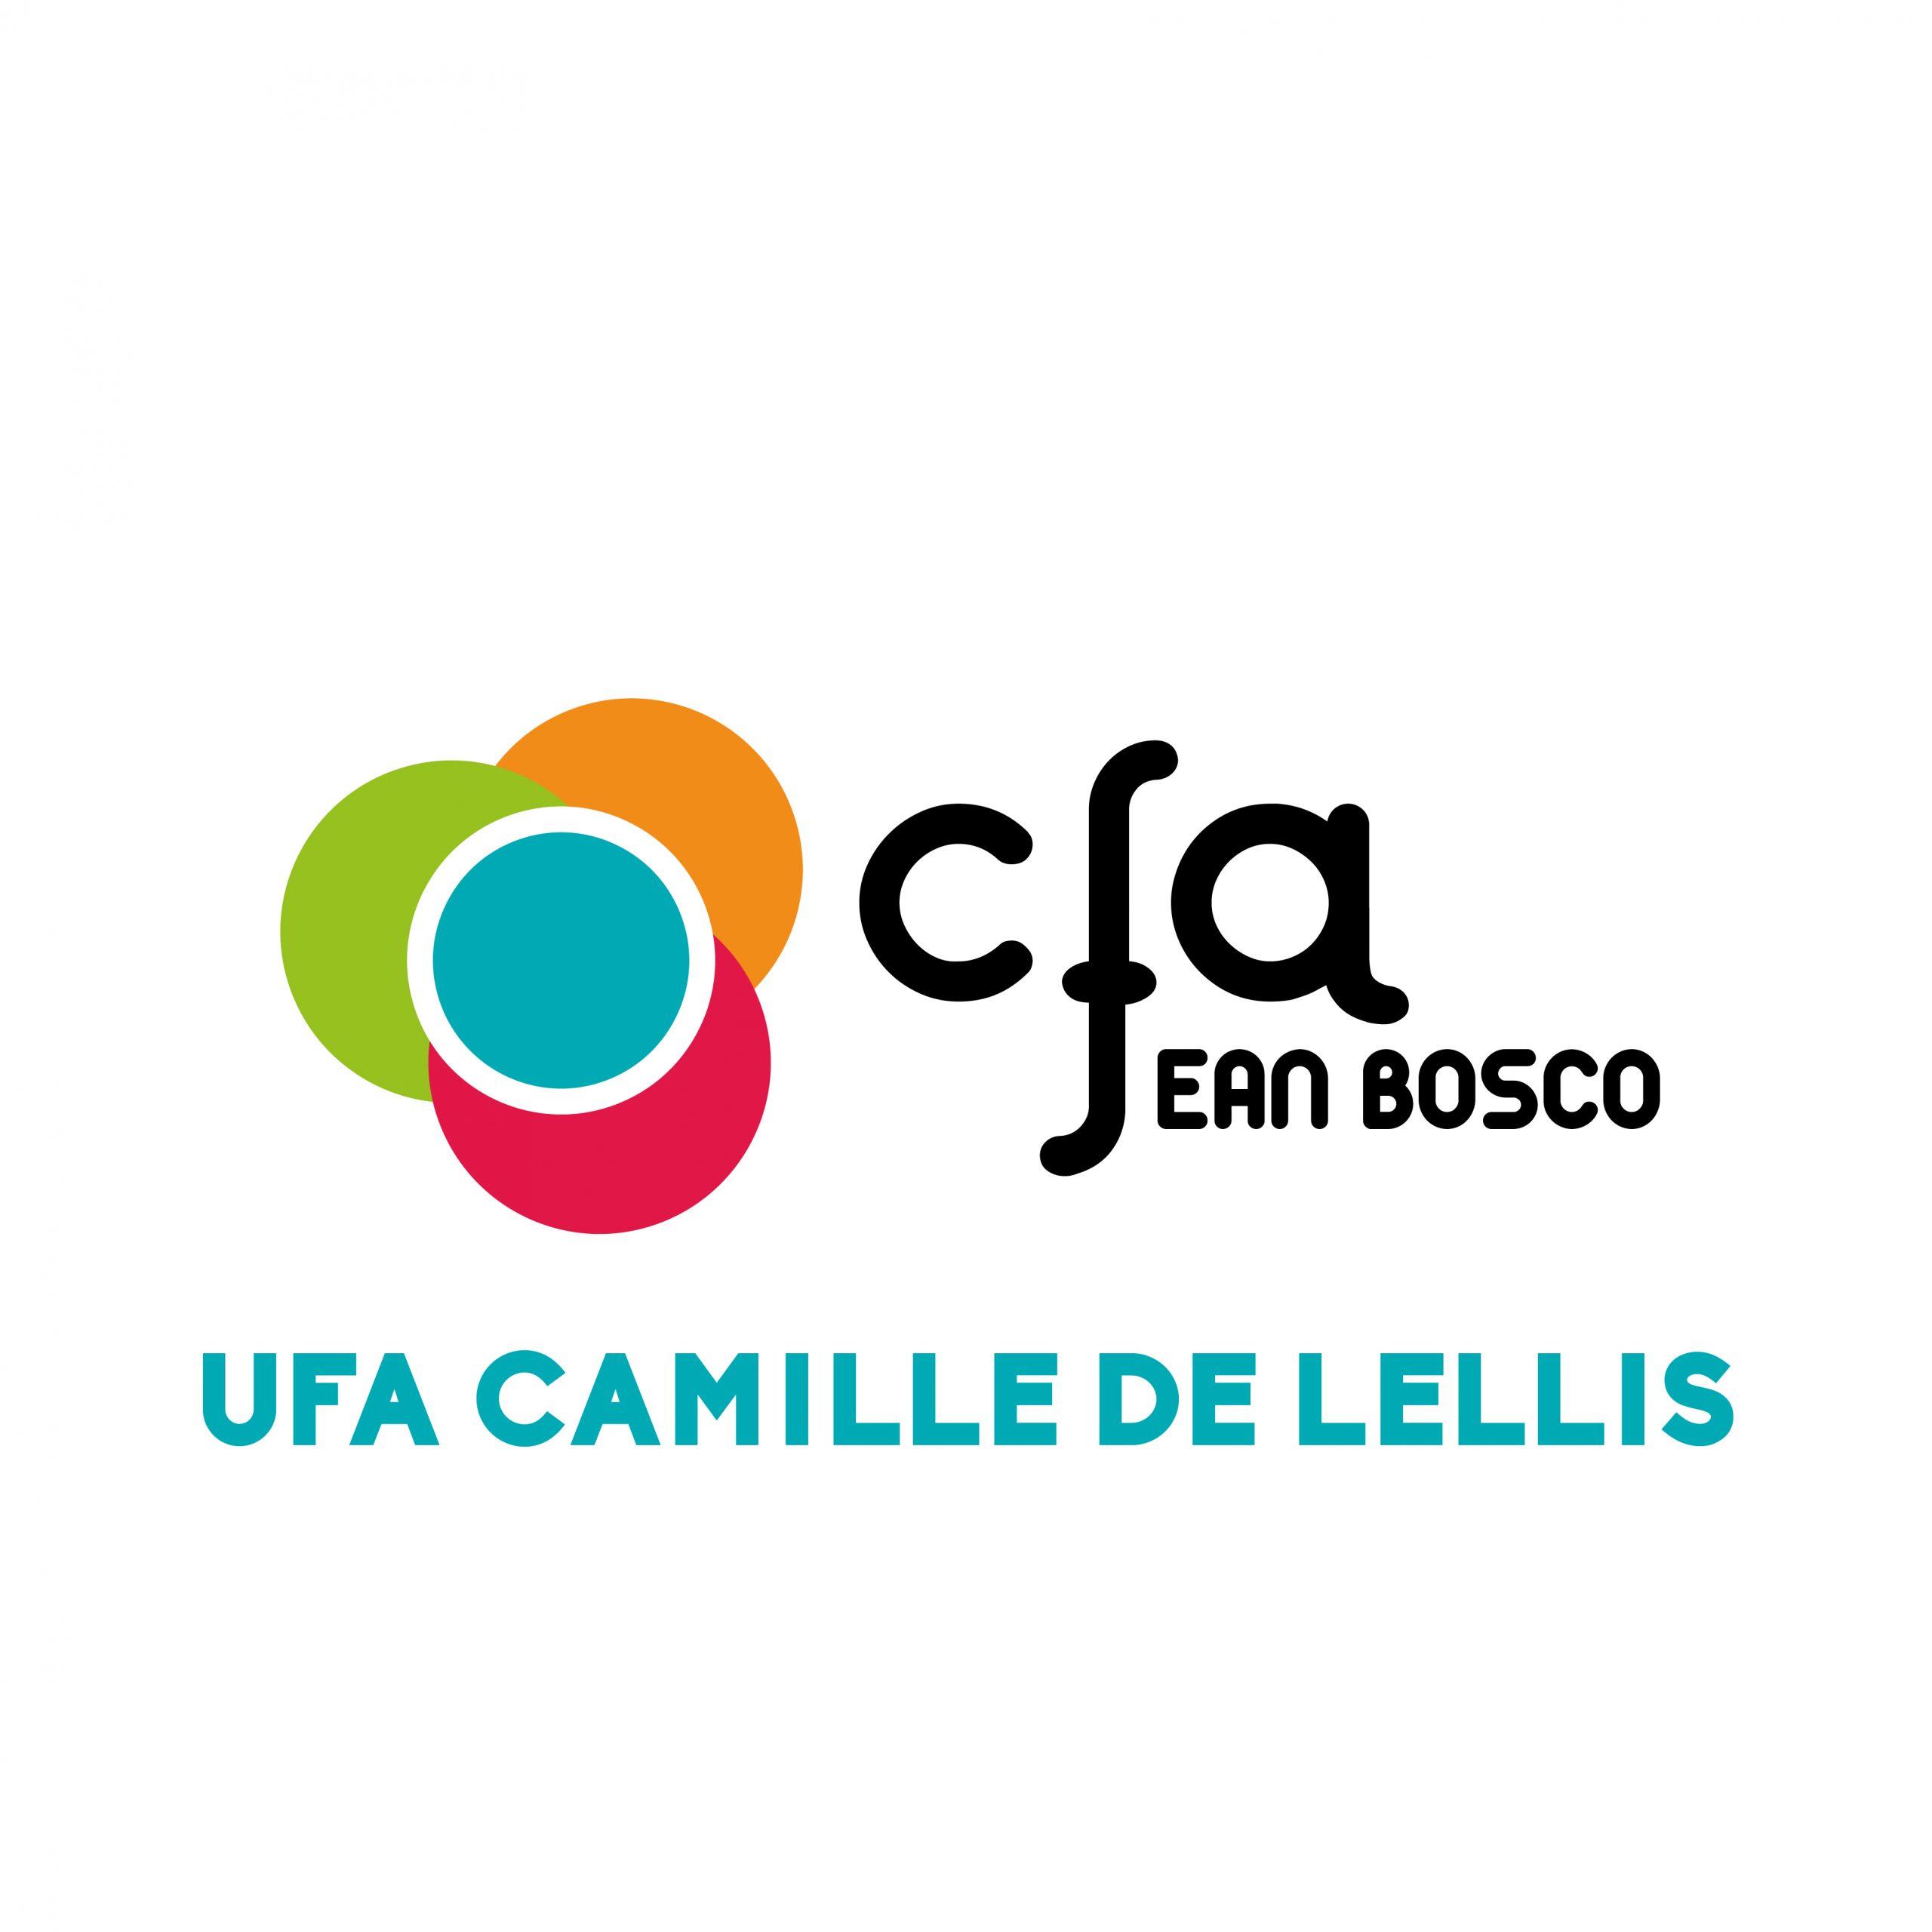 UFA CAMILLE DE LELLIS